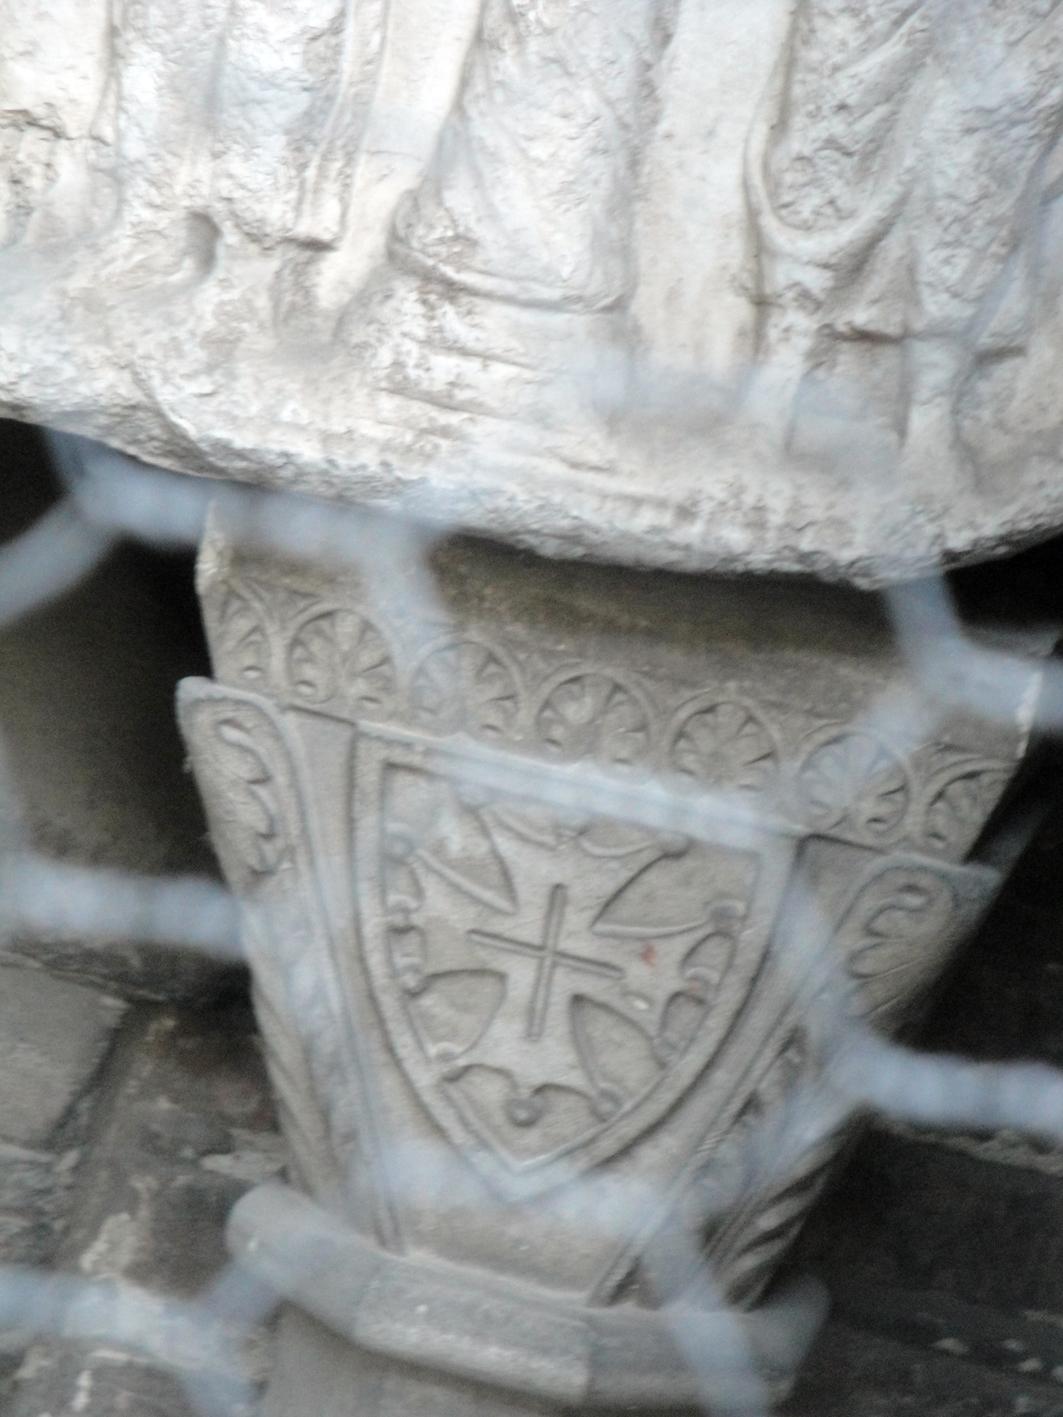 06.09.2011 Creu de Tolosa esculpida en les columnetes que suporten els vells sarcòfags dels comtes.  Sant Serni -  Jordi Bibià